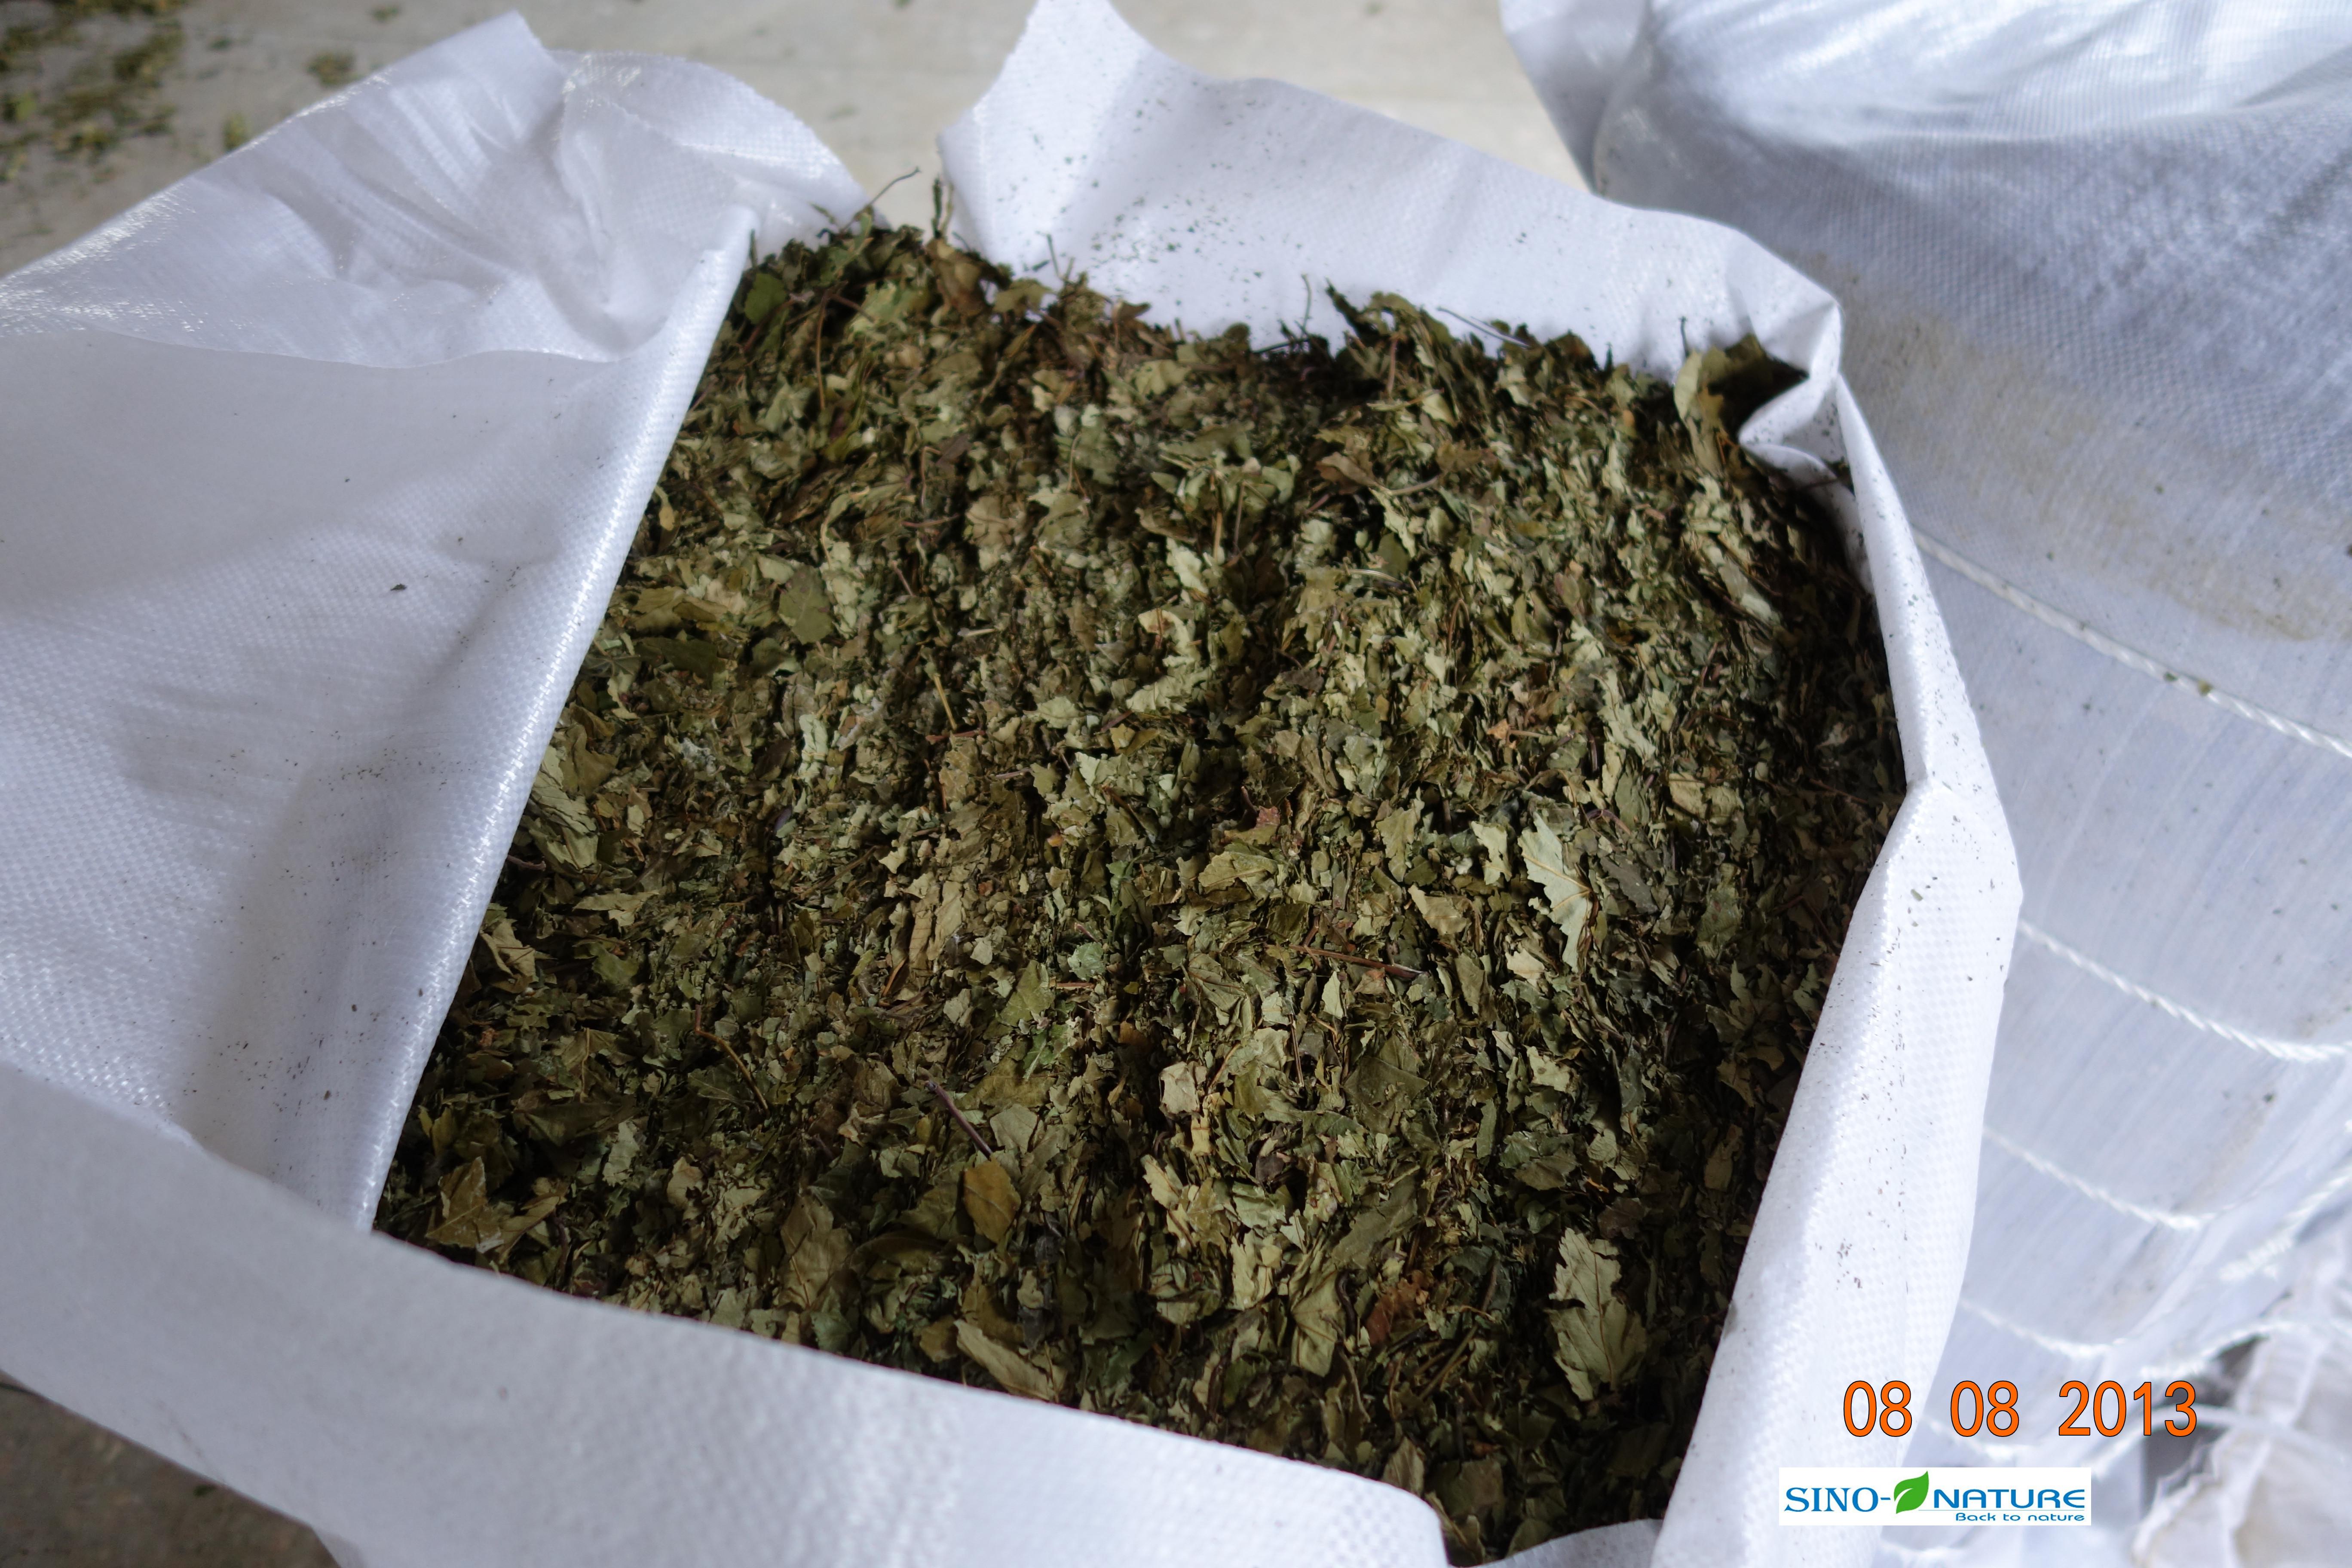 Blackberry leaves in pressed bales